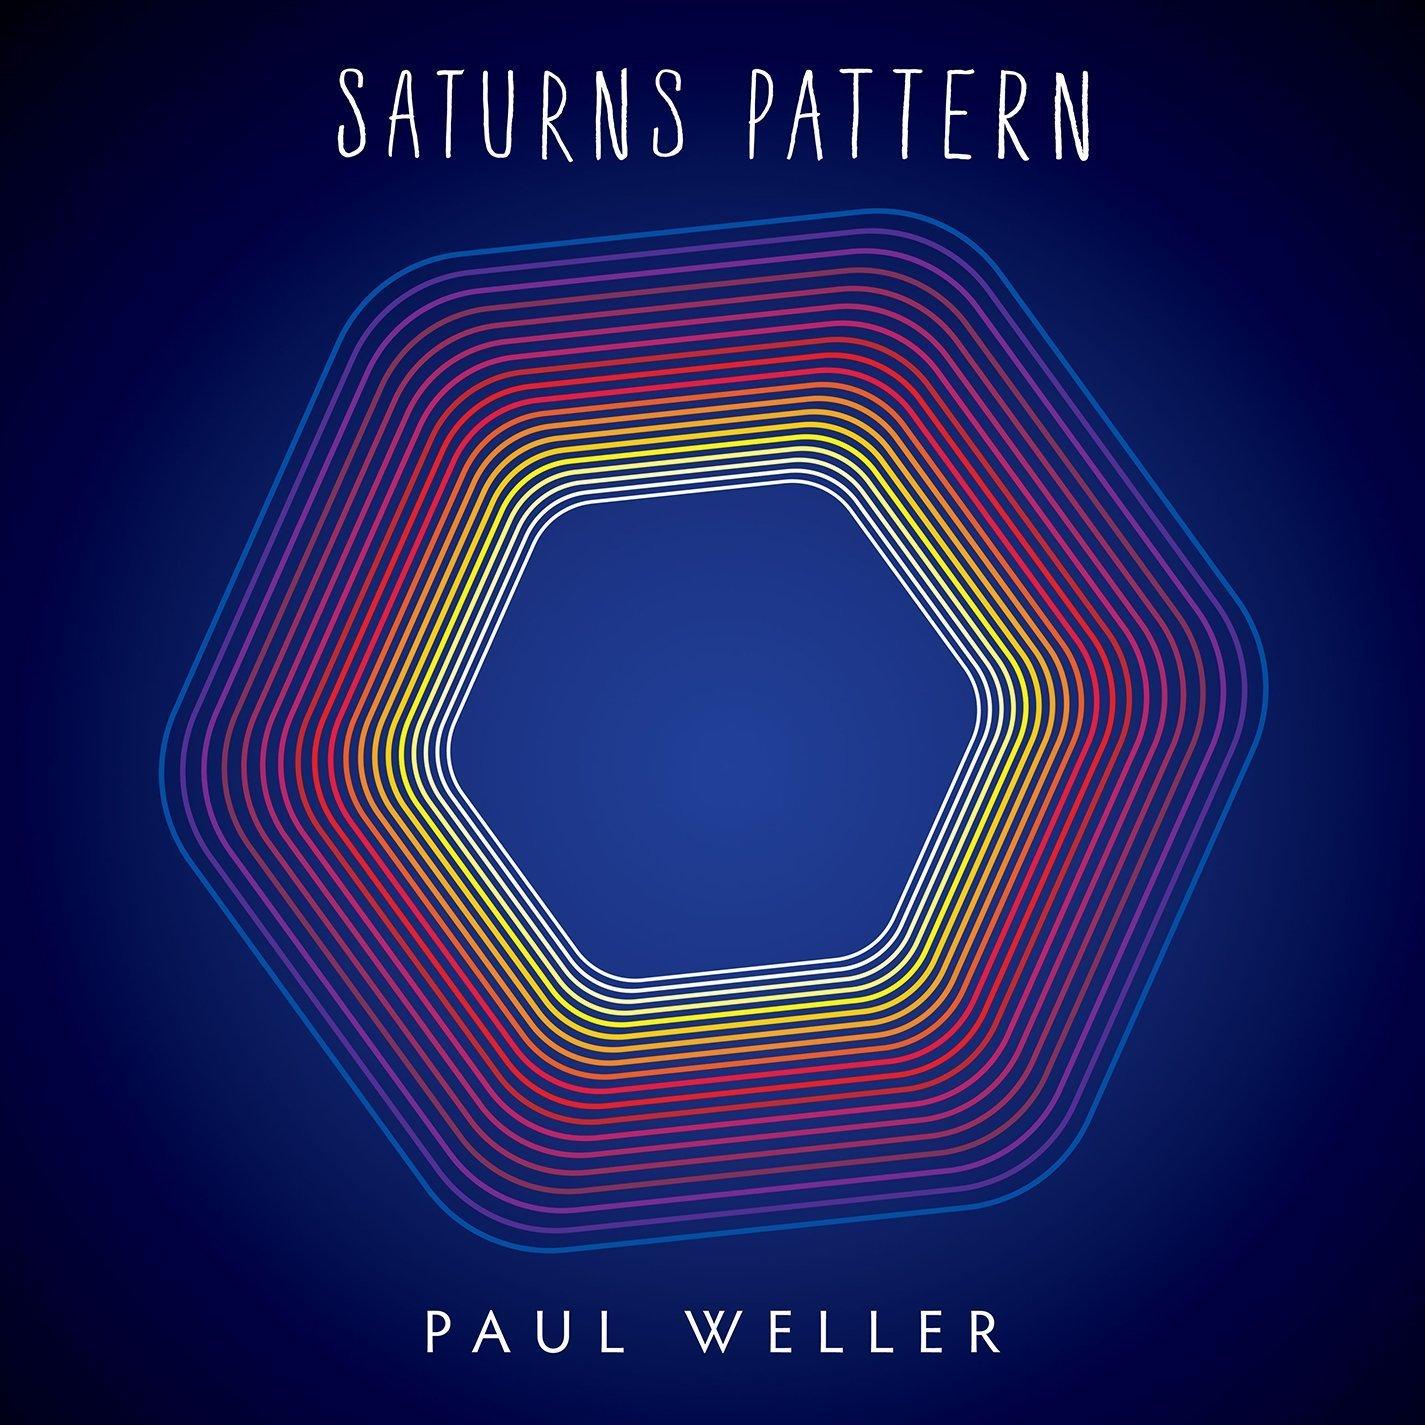 Paul WellerВиниловые пластинки<br>Виниловая пластинка<br>